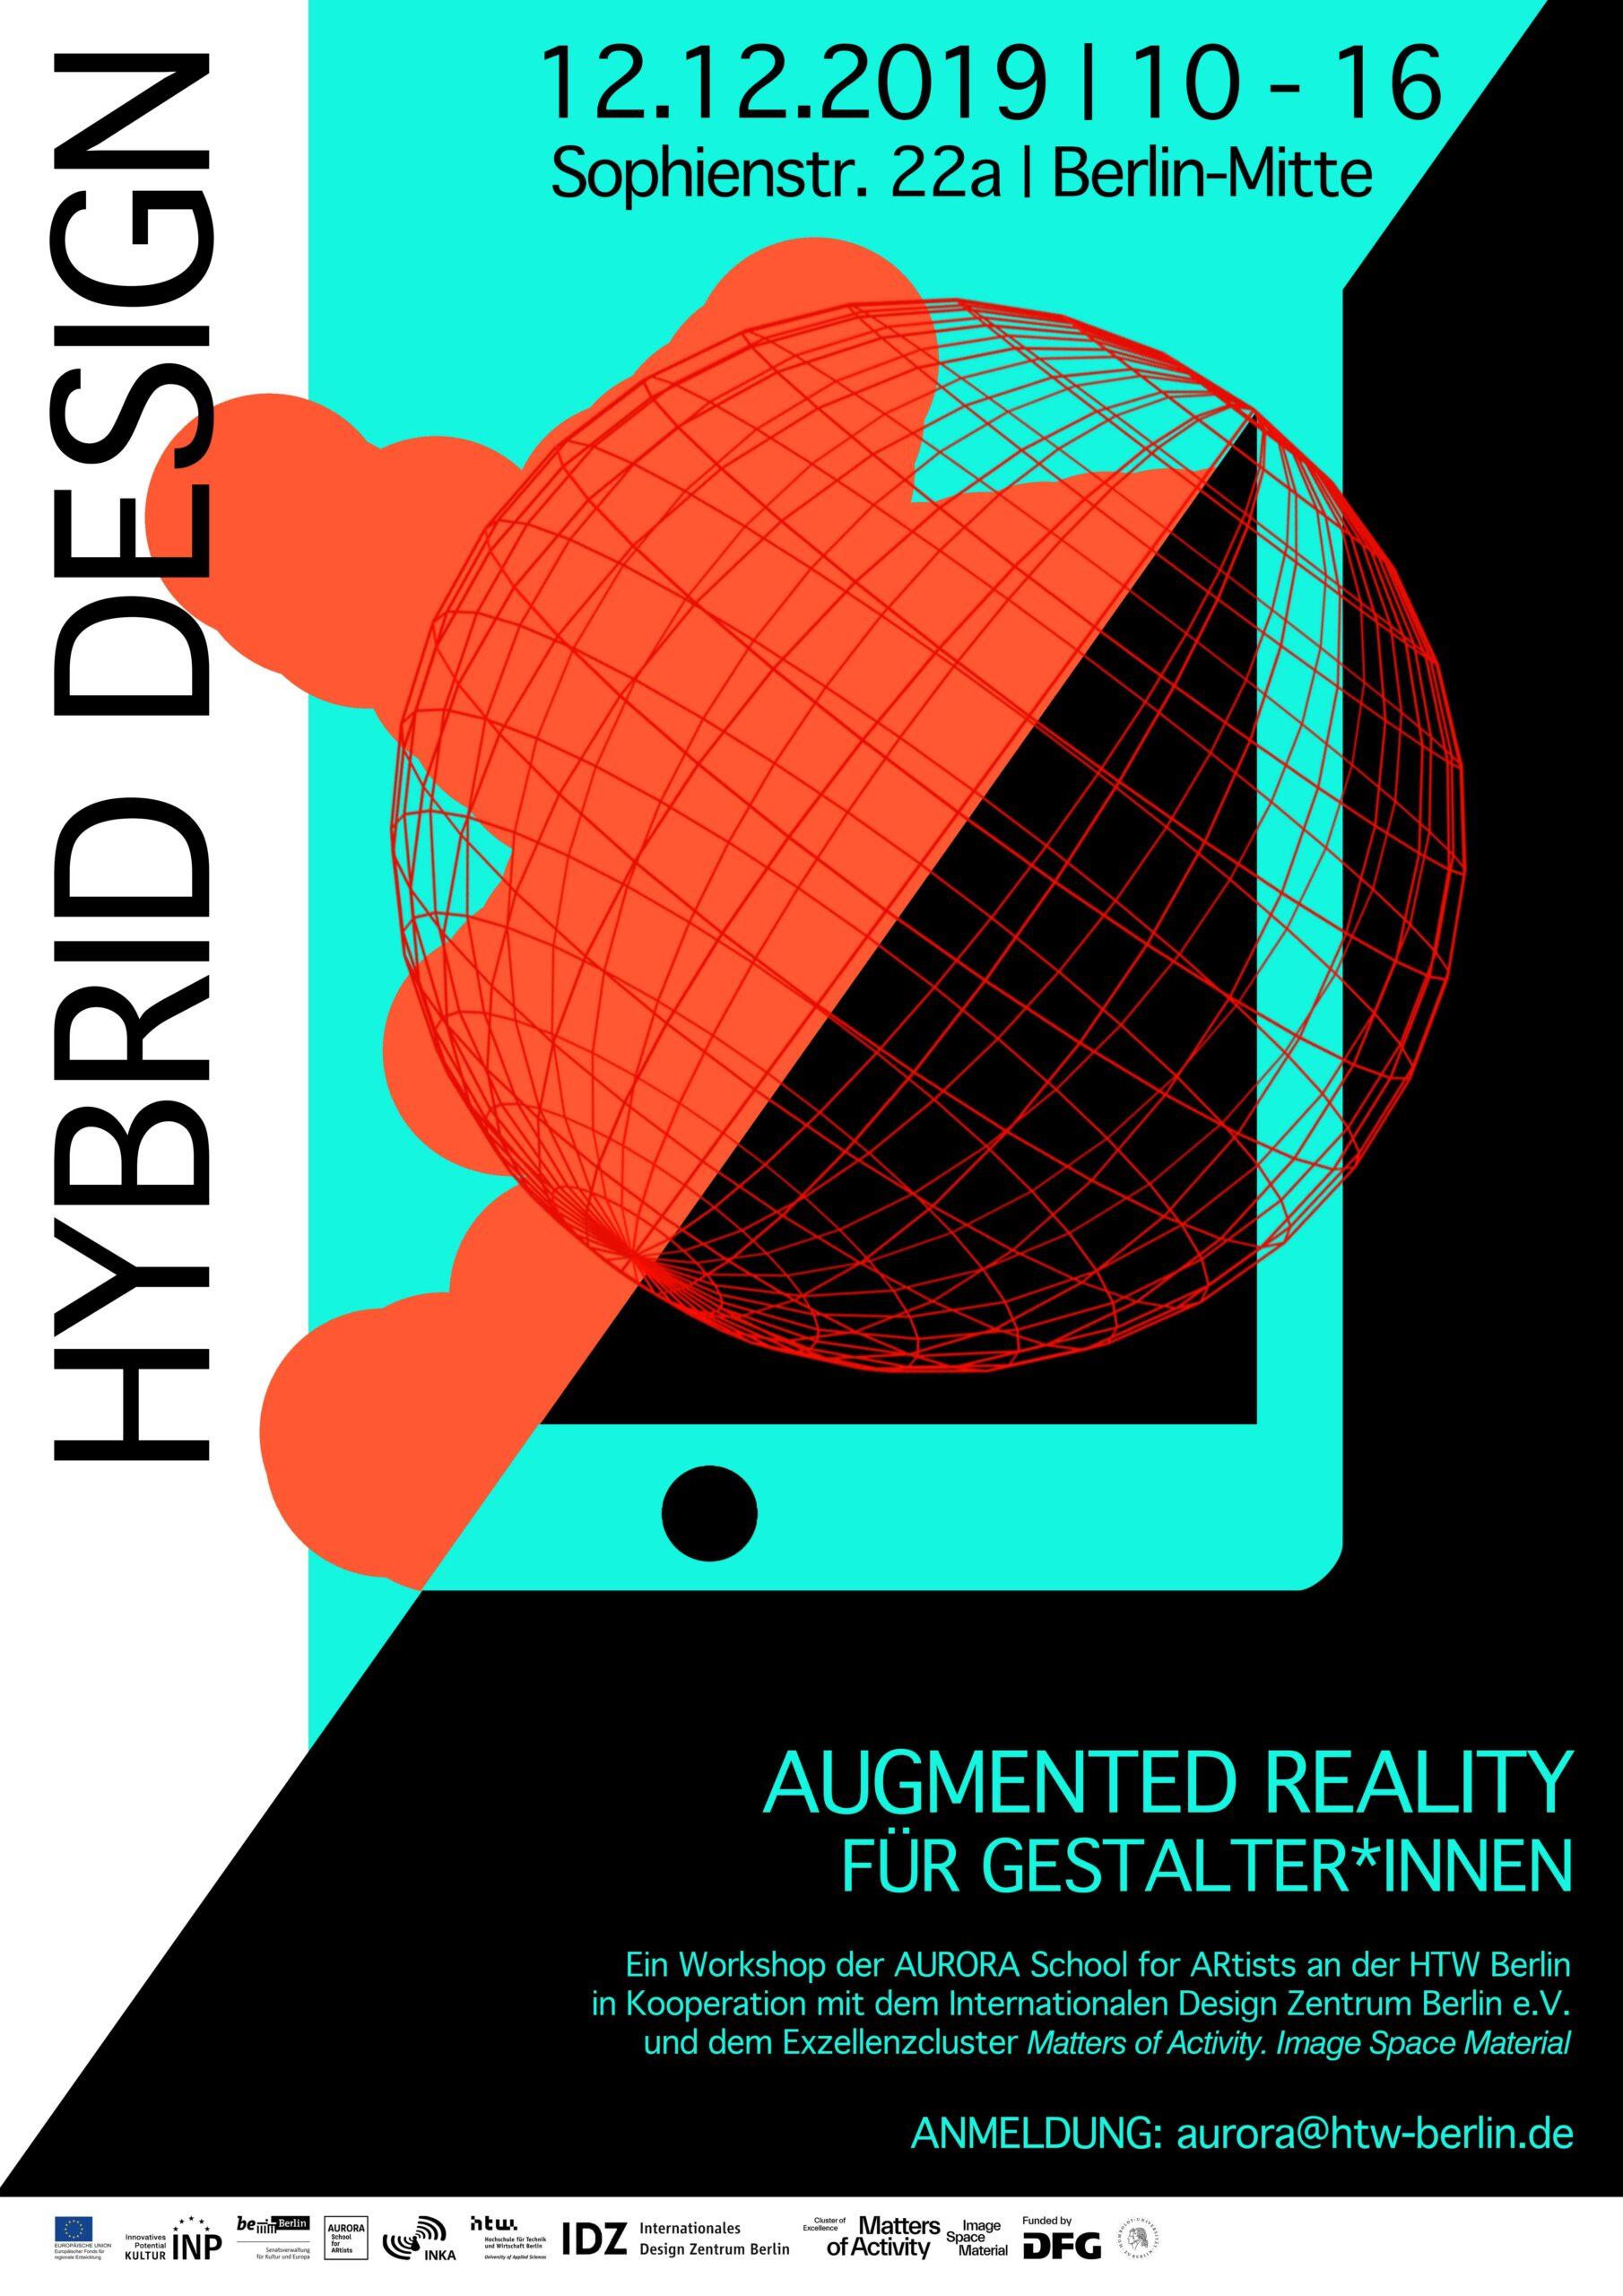 HYBRID DESIGN – Augmented Reality für Gestalter*innen